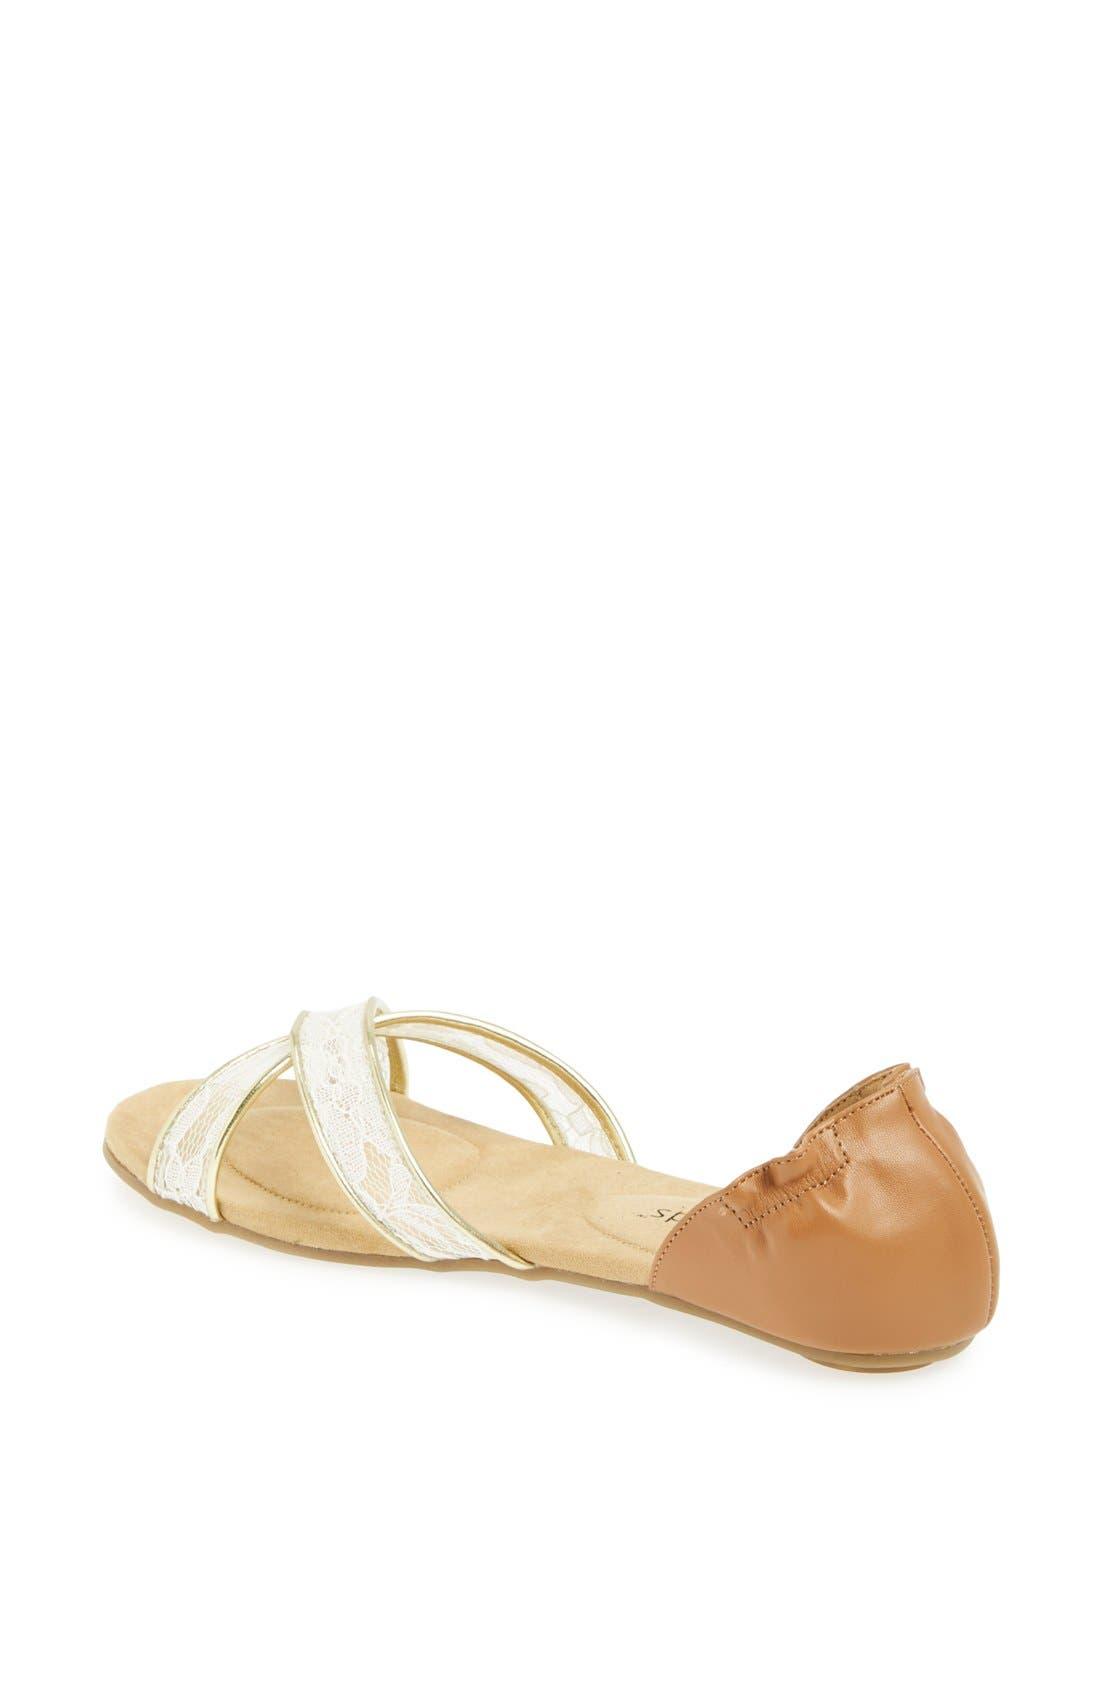 Alternate Image 2  - Footzyfolds 'Celina' Flat